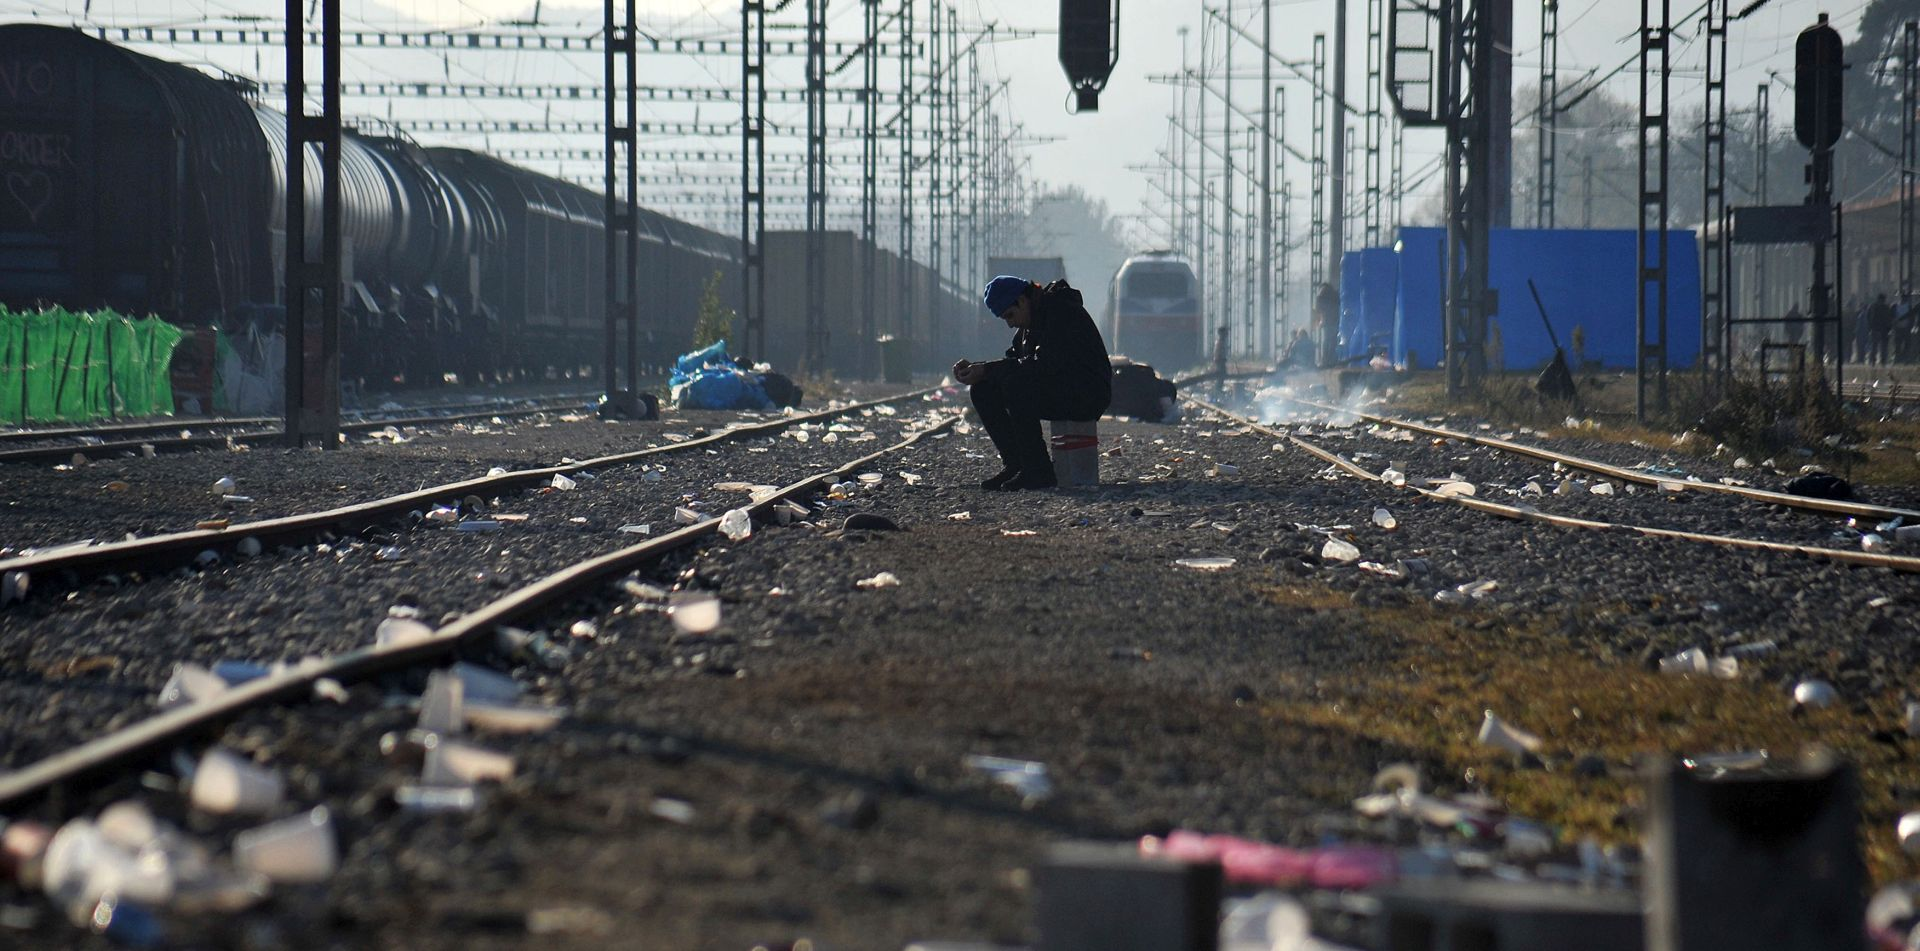 RJEŠAVANJE IZBJEGLIČKE KRIZE: Teški razgovori u Europi o migrantskoj strategiji